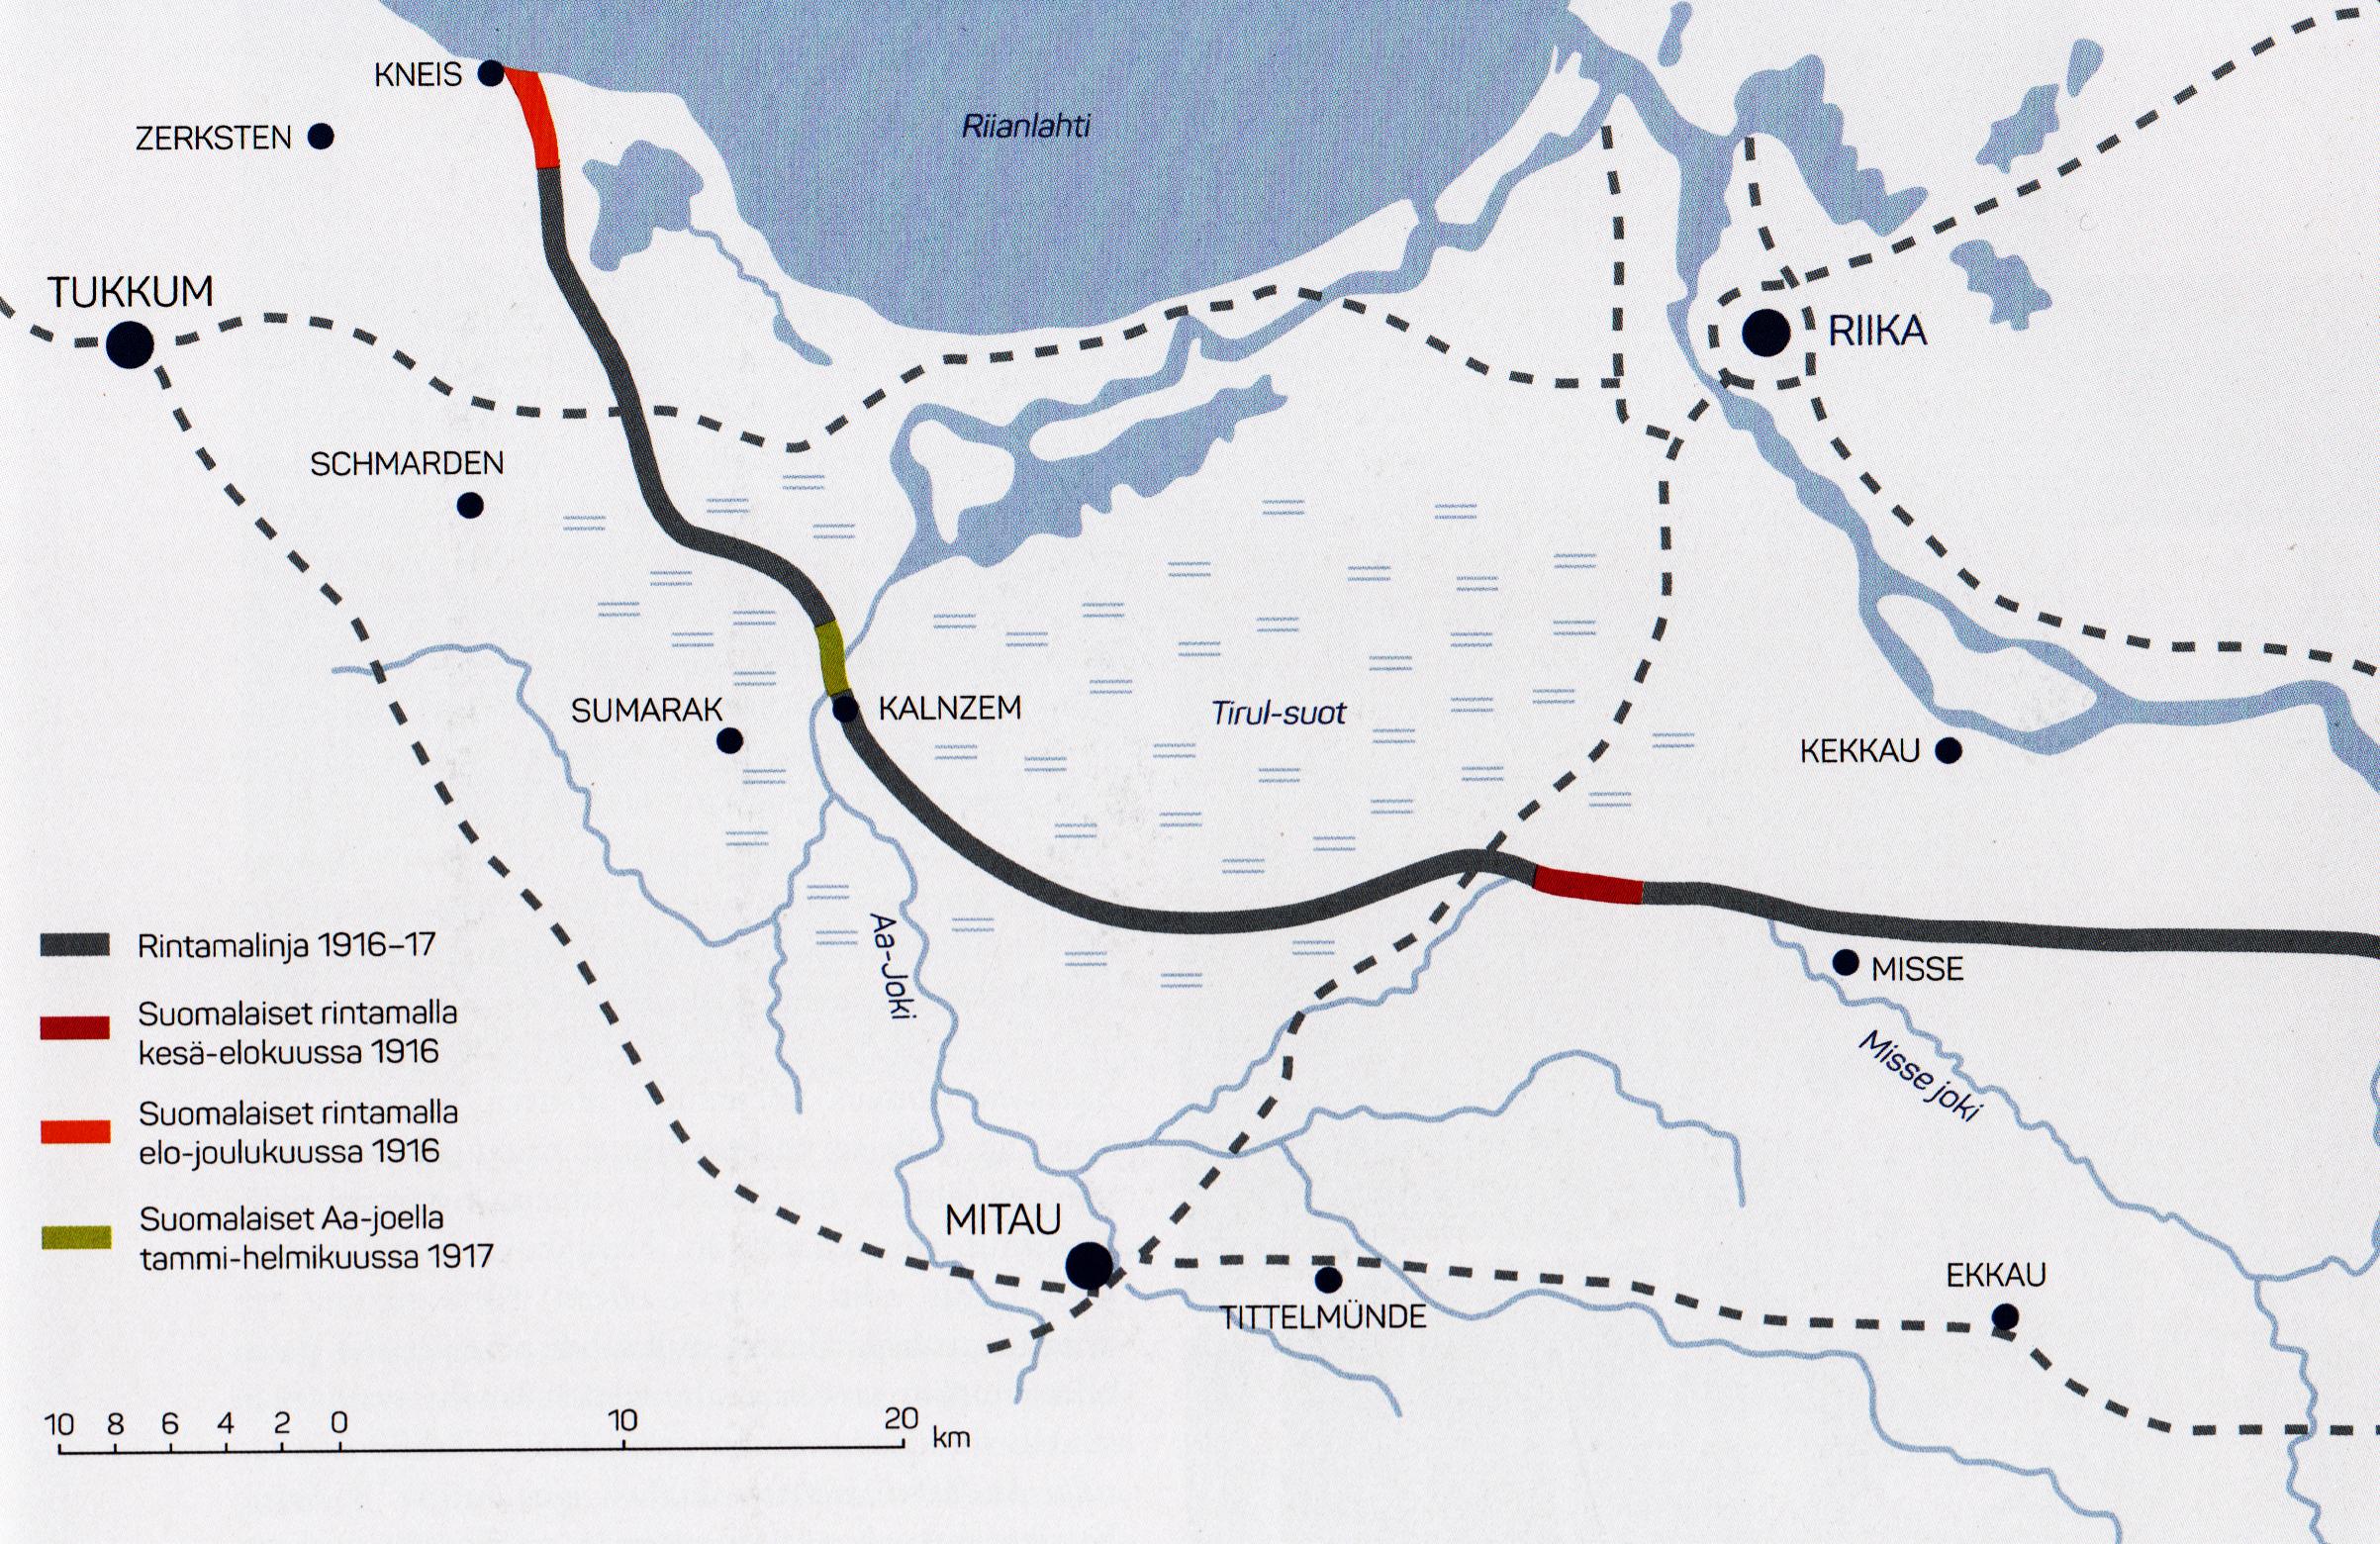 Jaakarit Siirtyivat Saksan Itarintamalle Kesakuussa 1916 Svinhuvfud